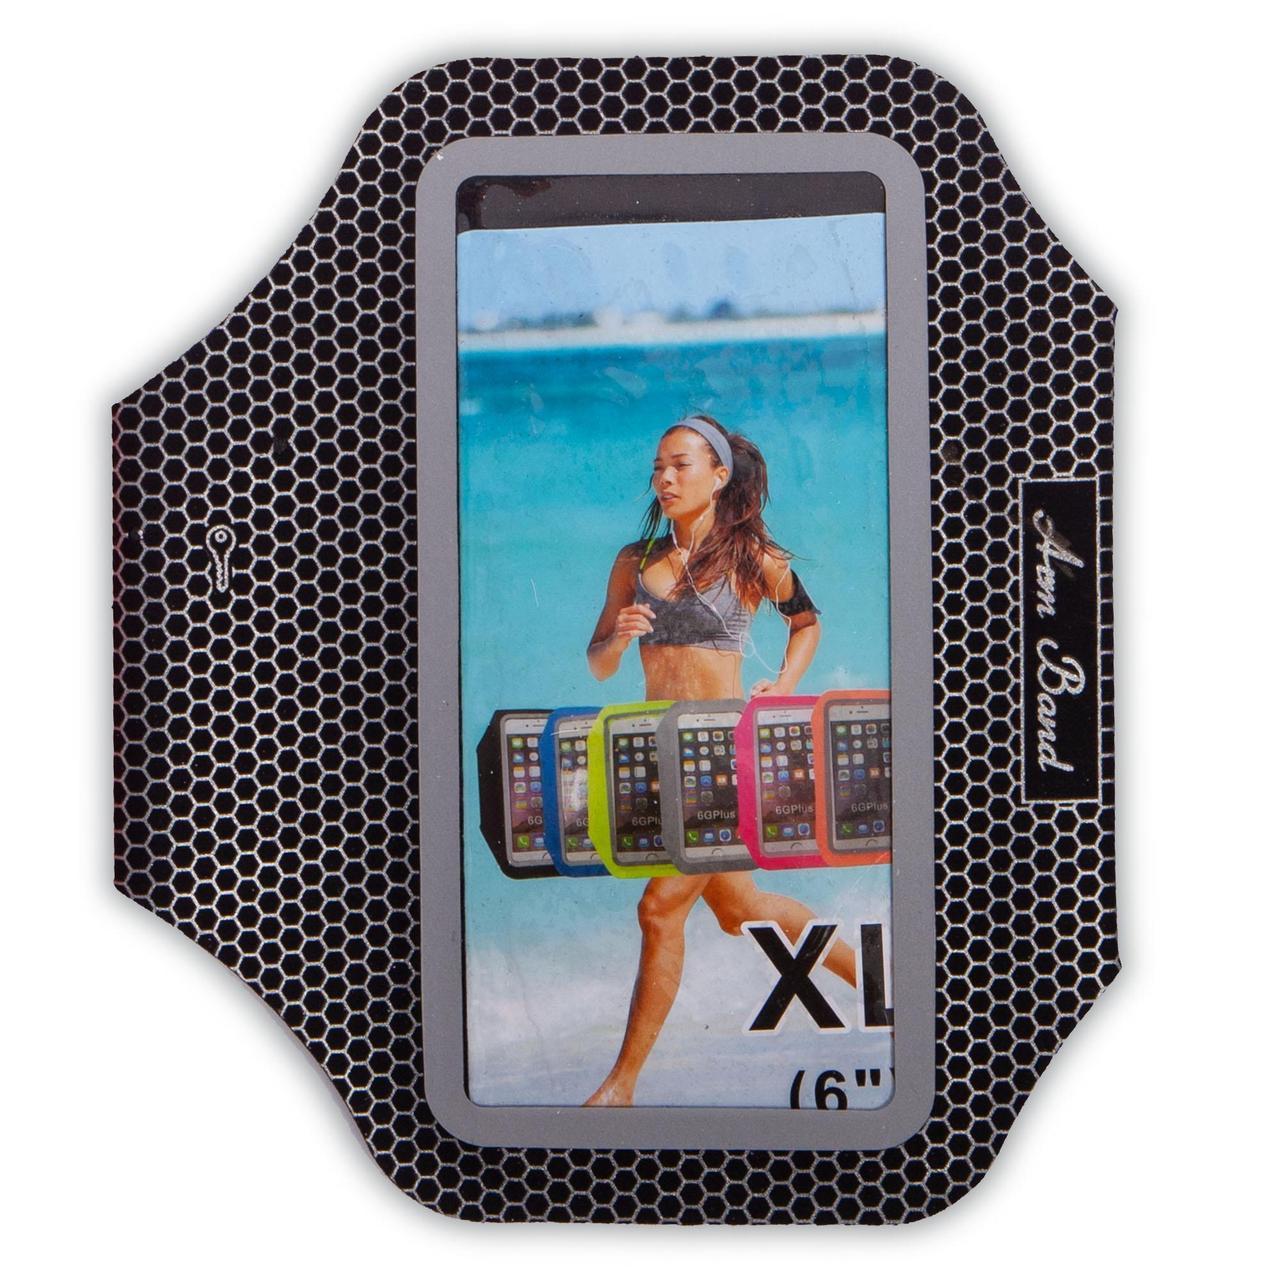 Чехол для телефона с креплением на руку для занятий спортом С-0328 (для iPhone и iPod 18x7см, цвета в